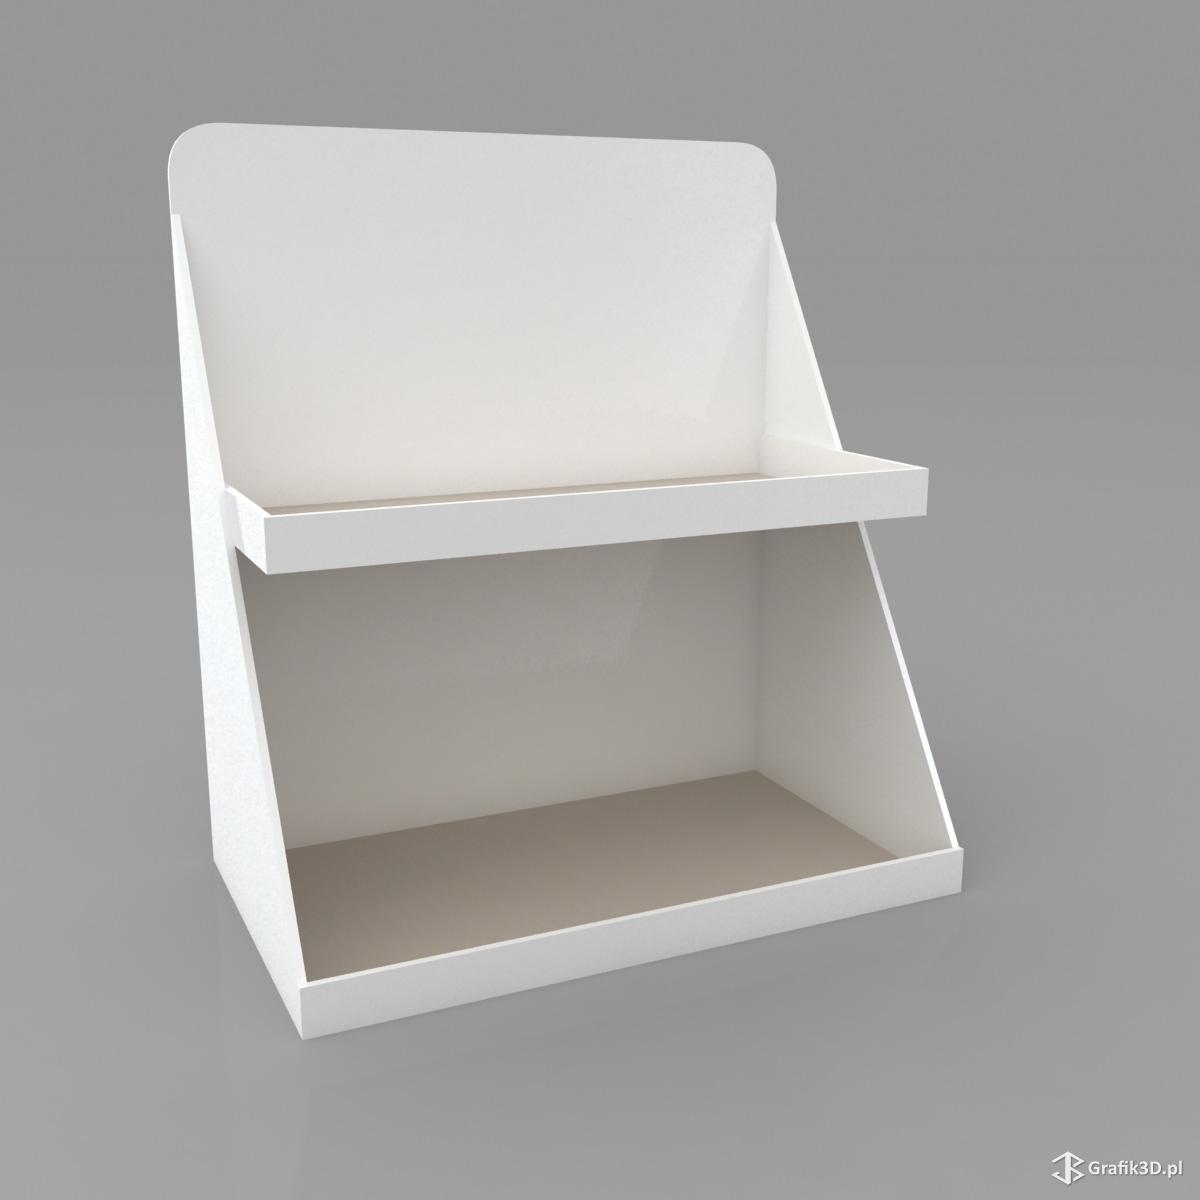 Wizualizacja standu półki na produkty